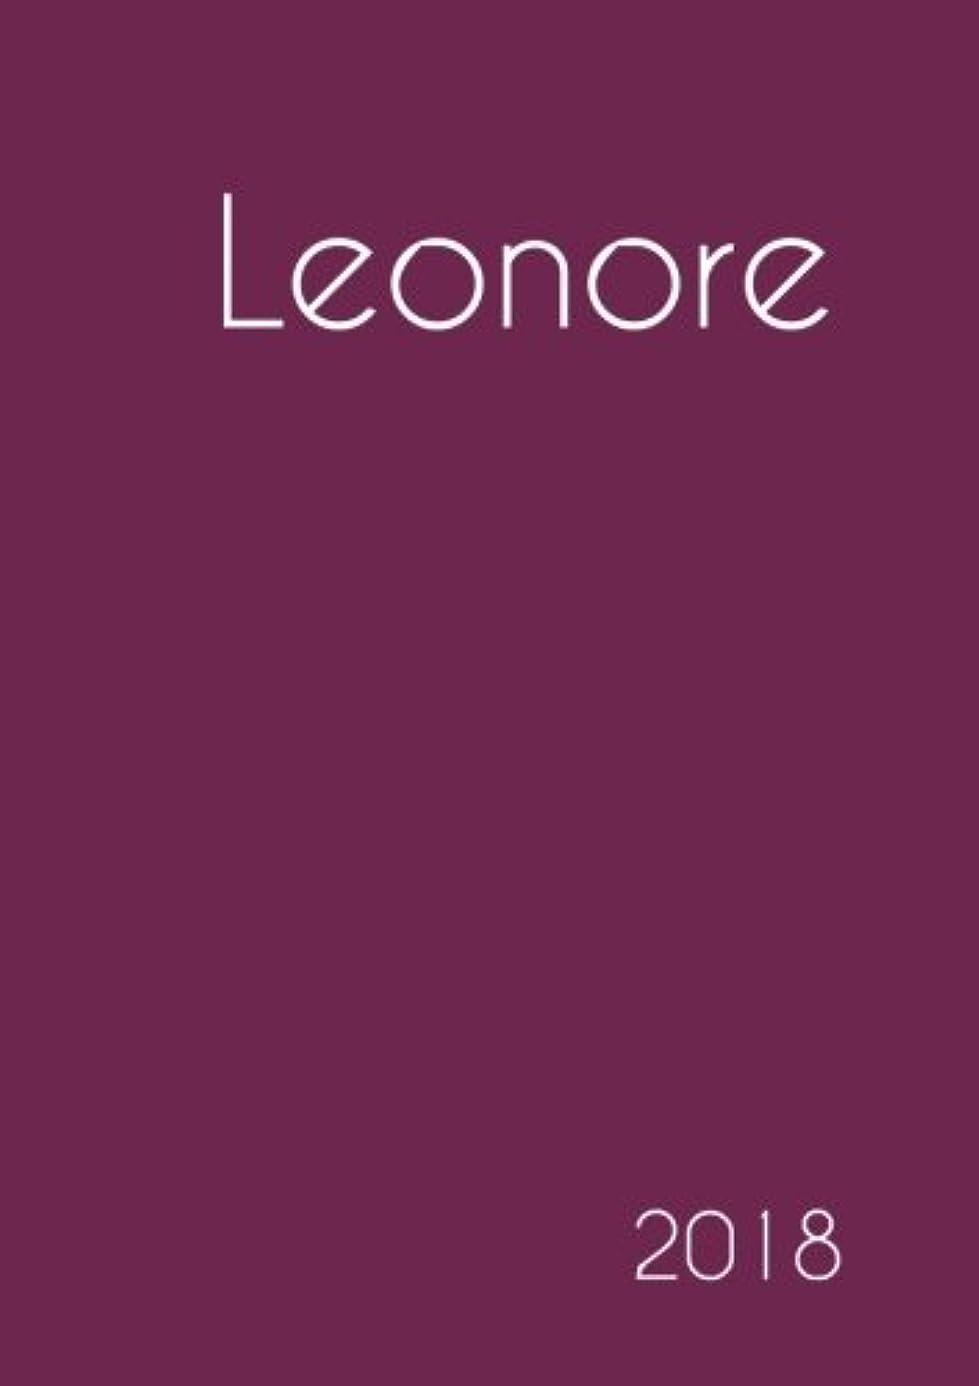 破壊する挨拶目指す2018: Namenskalender 2018 - Leonore - DIN A5 - eine Woche pro Doppelseite